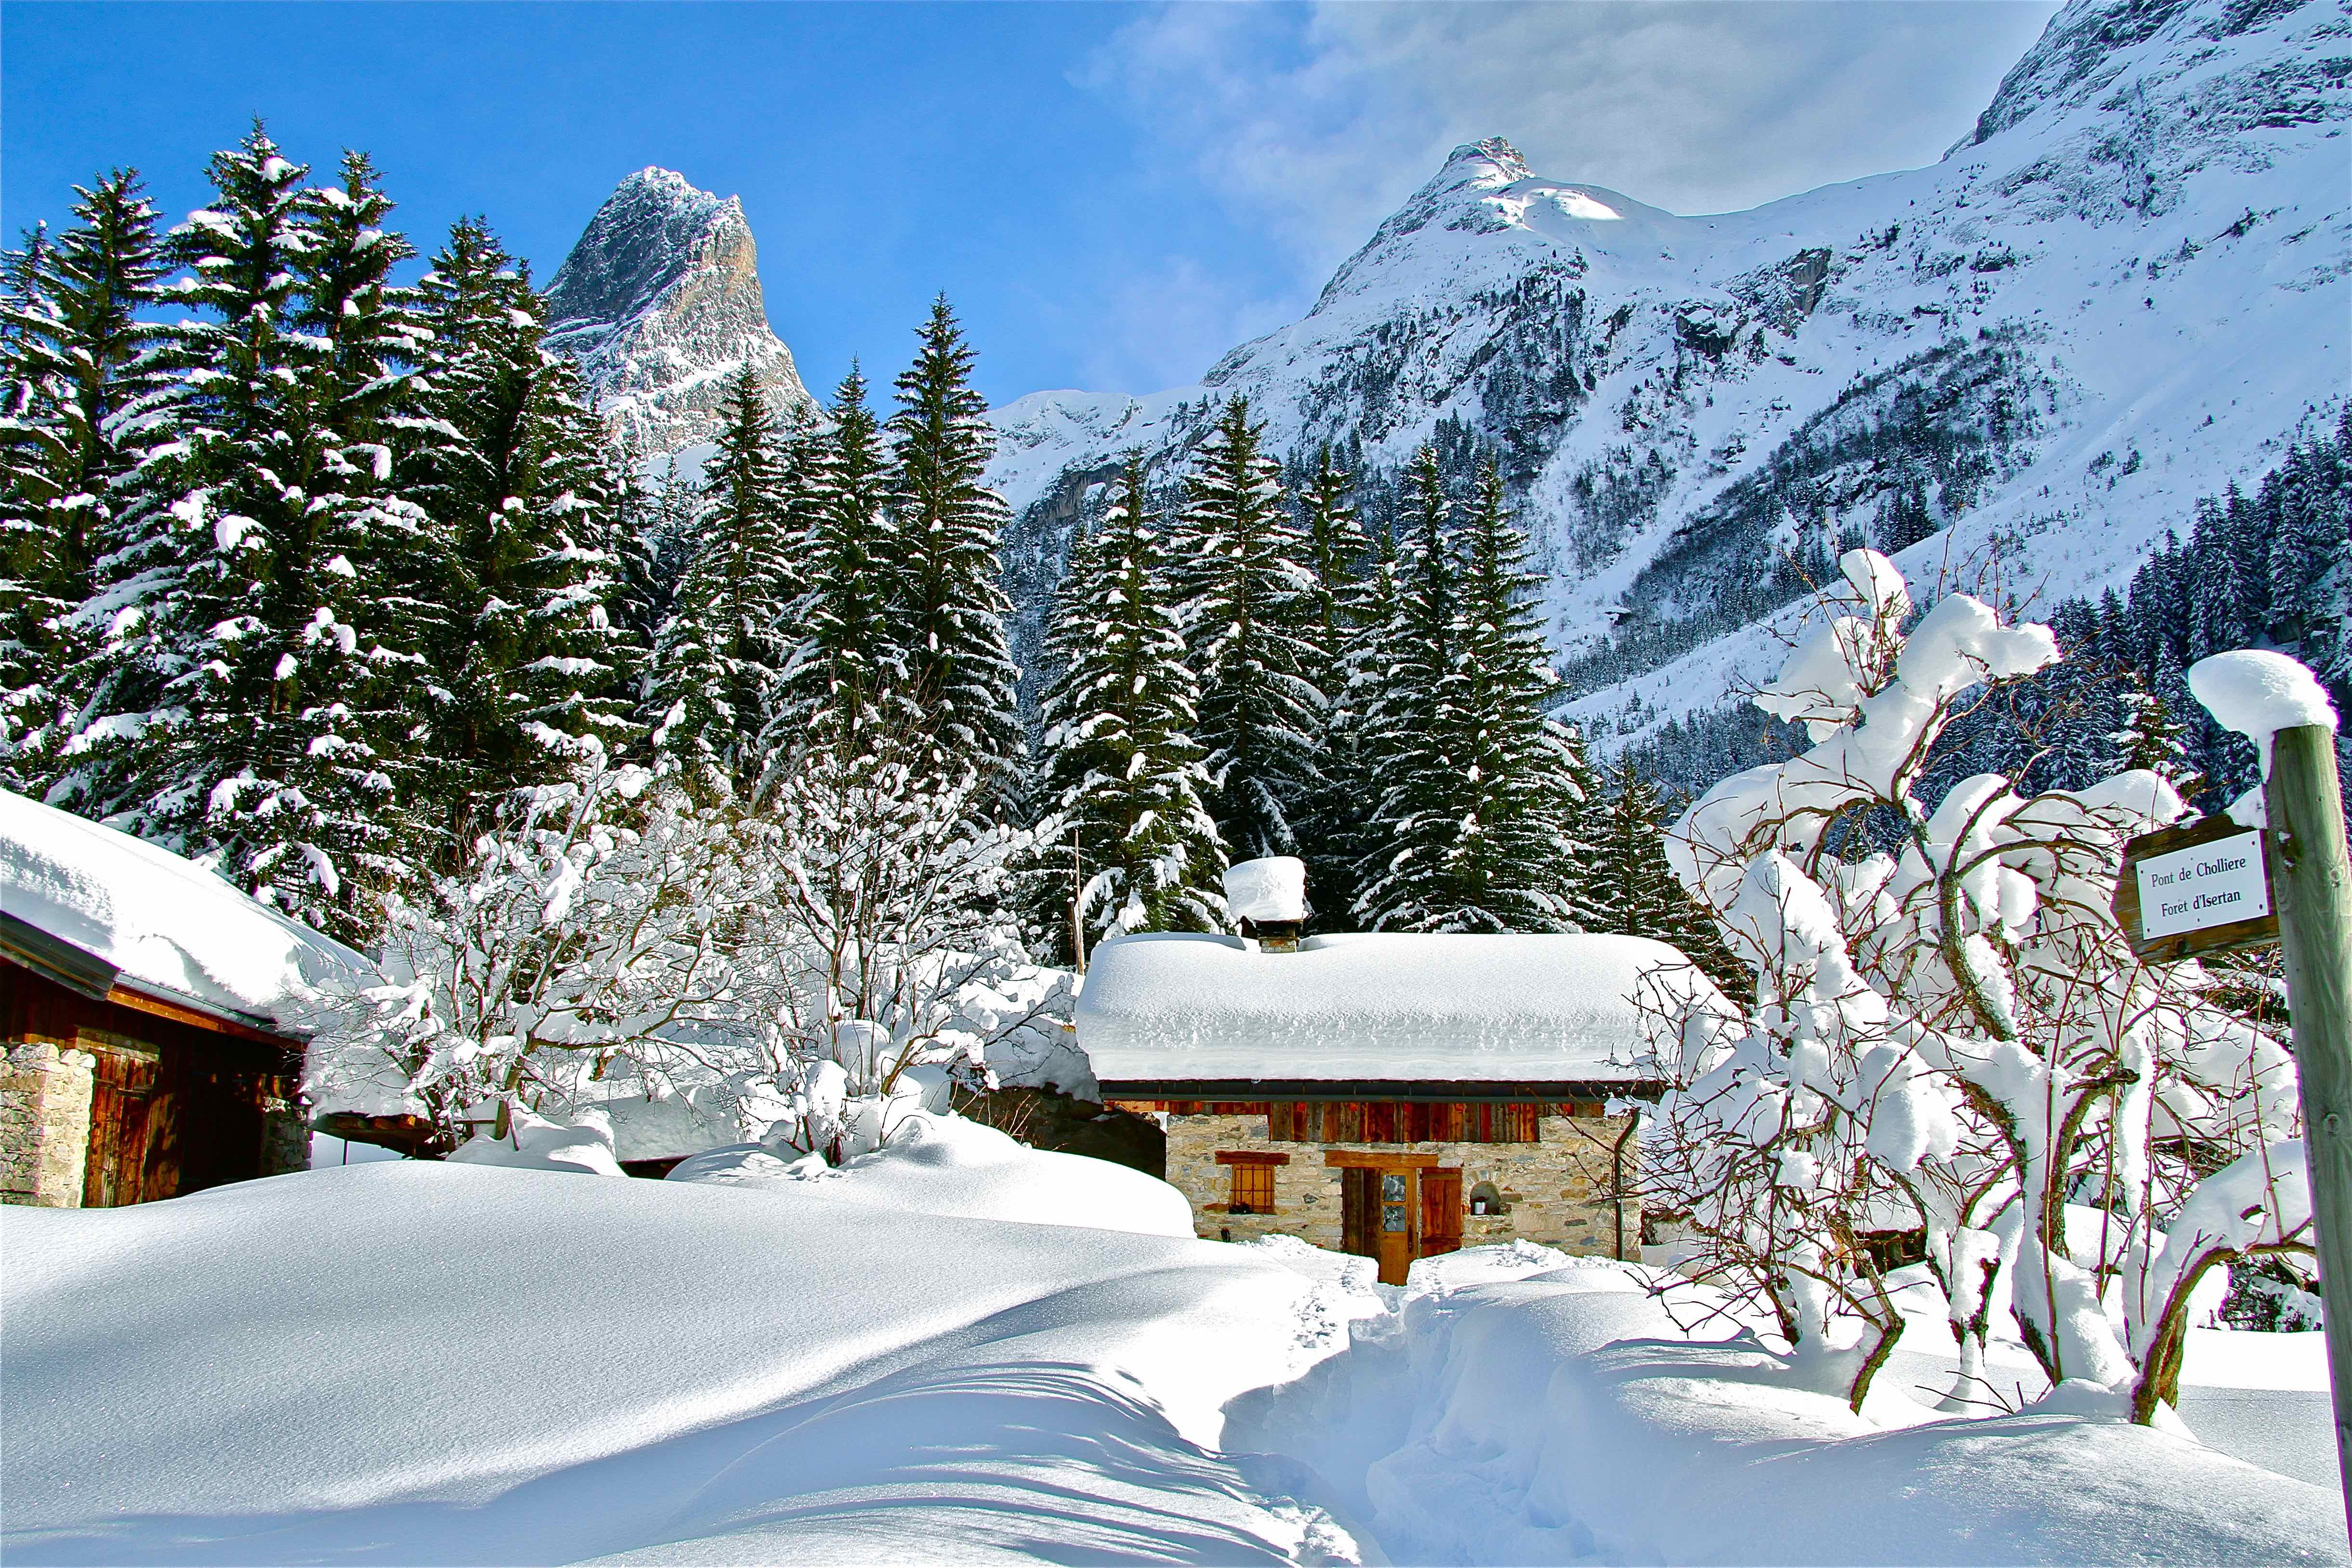 Pralognan la vanoise savoie mont blanc savoie et haute - Office de tourisme pralognan la vanoise ...